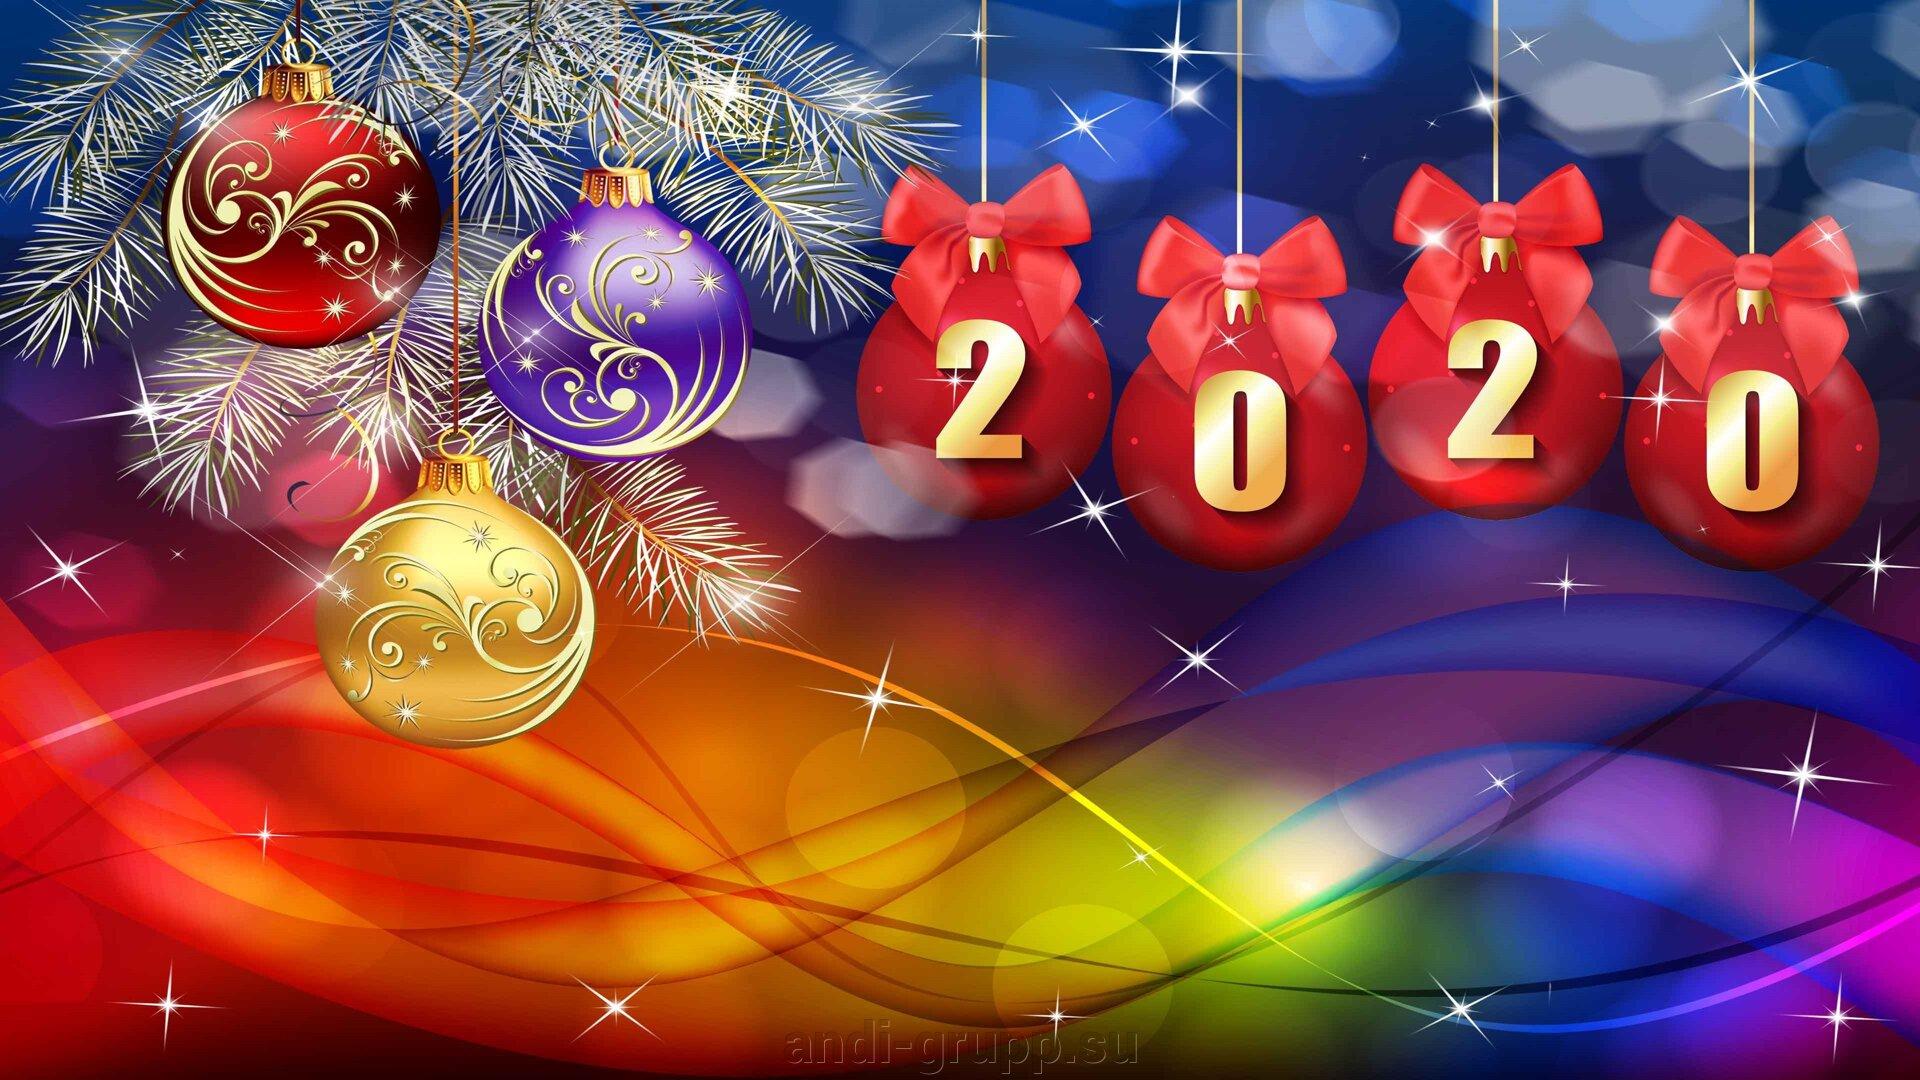 С Новым 2020 годом! - фото С Новым Годом!